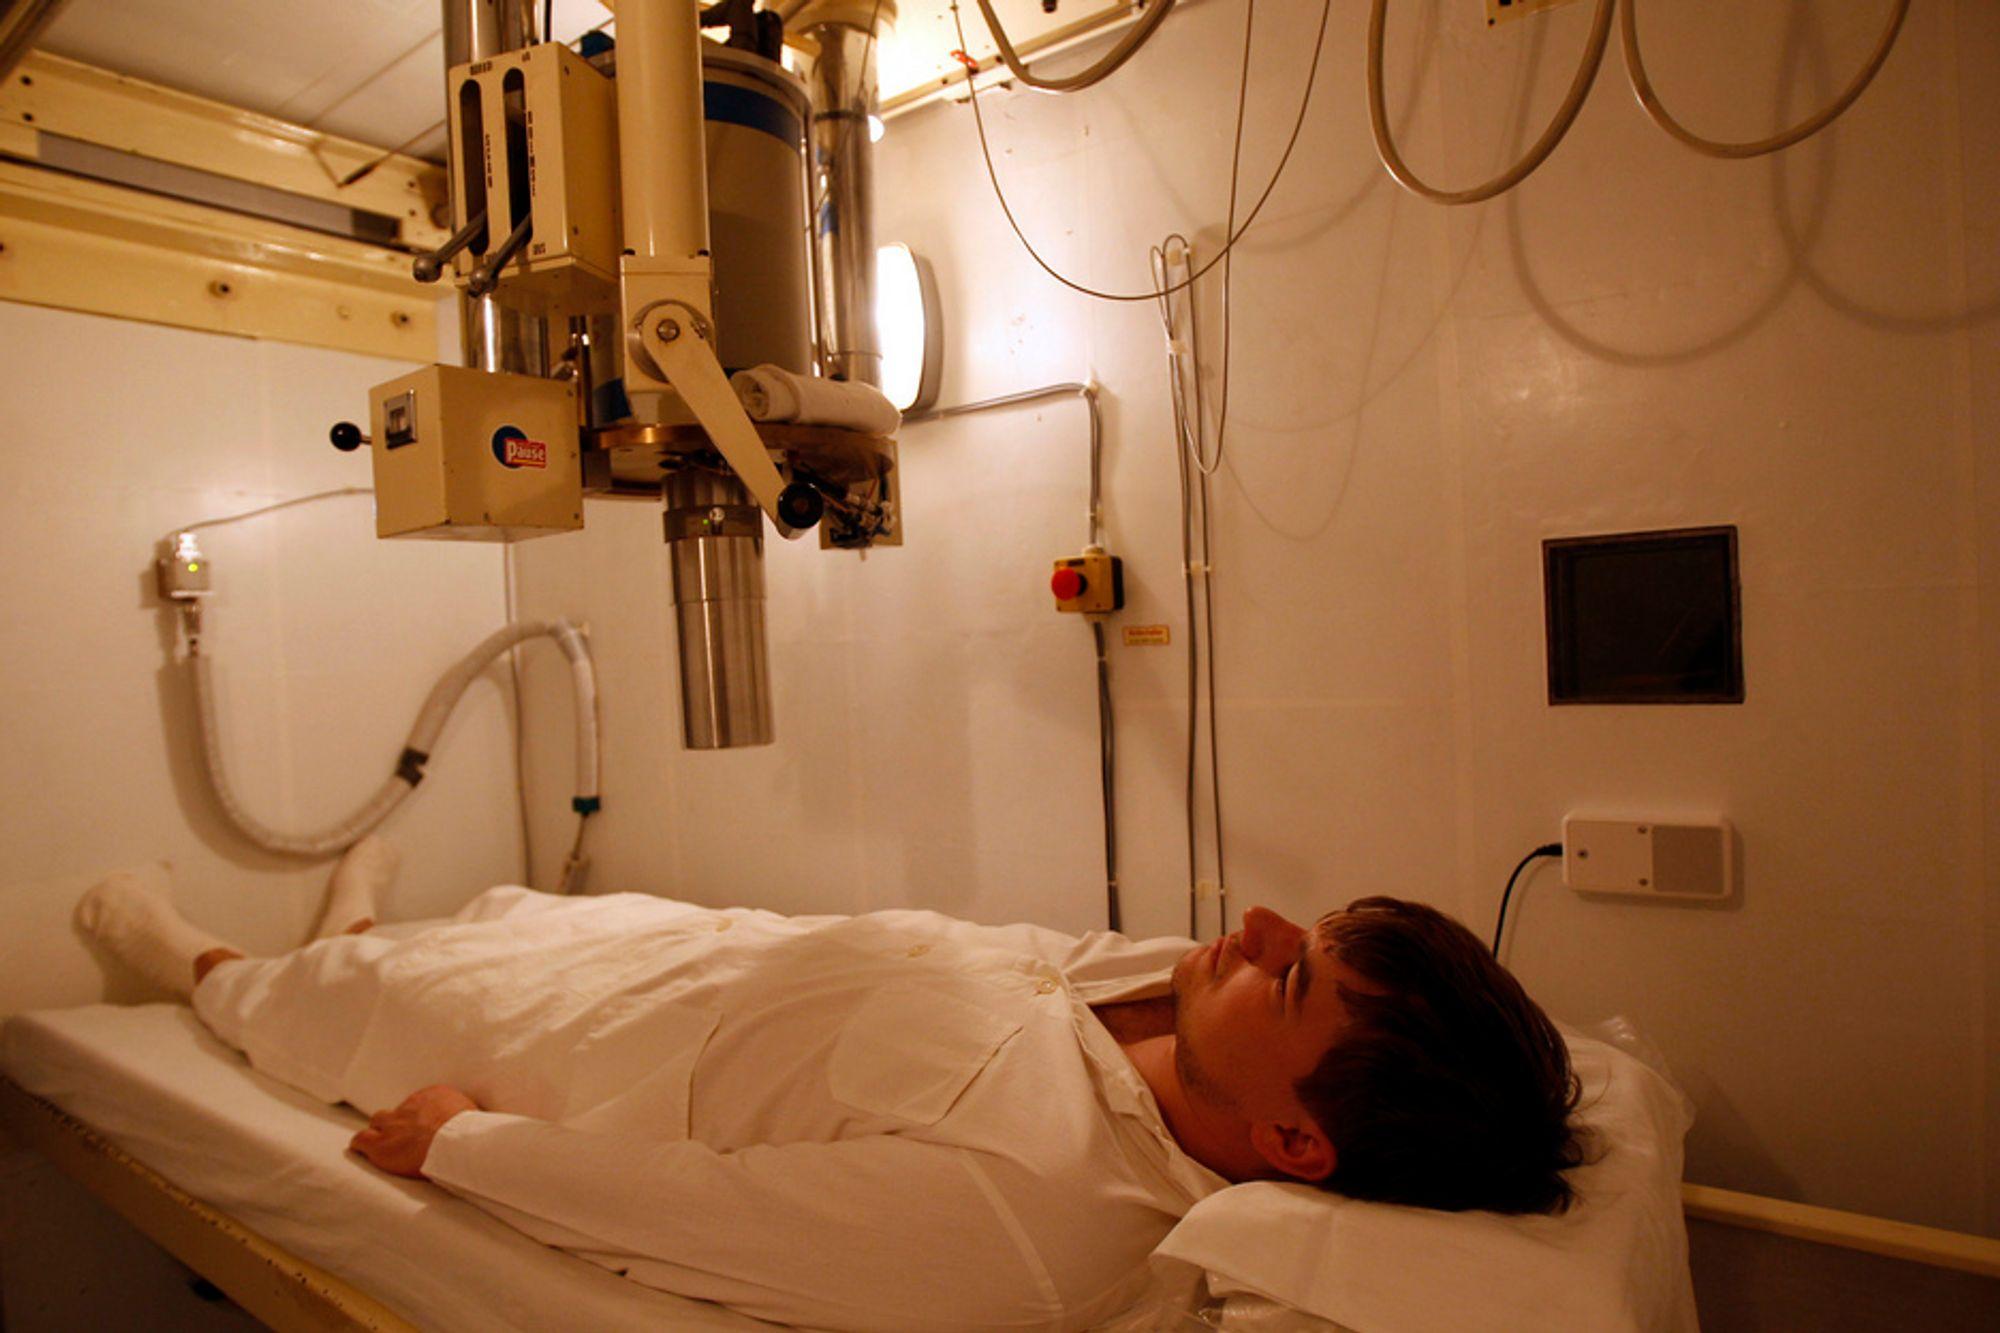 HØYE VERDIER: To japanere har fått påvist like høye strålingsverdier som arbeidere ved Fukushima-kraftverket. Bildet viser en tysker som blir kontrollert for radioaktivitet etter at han kom hjem fra Japan i går.